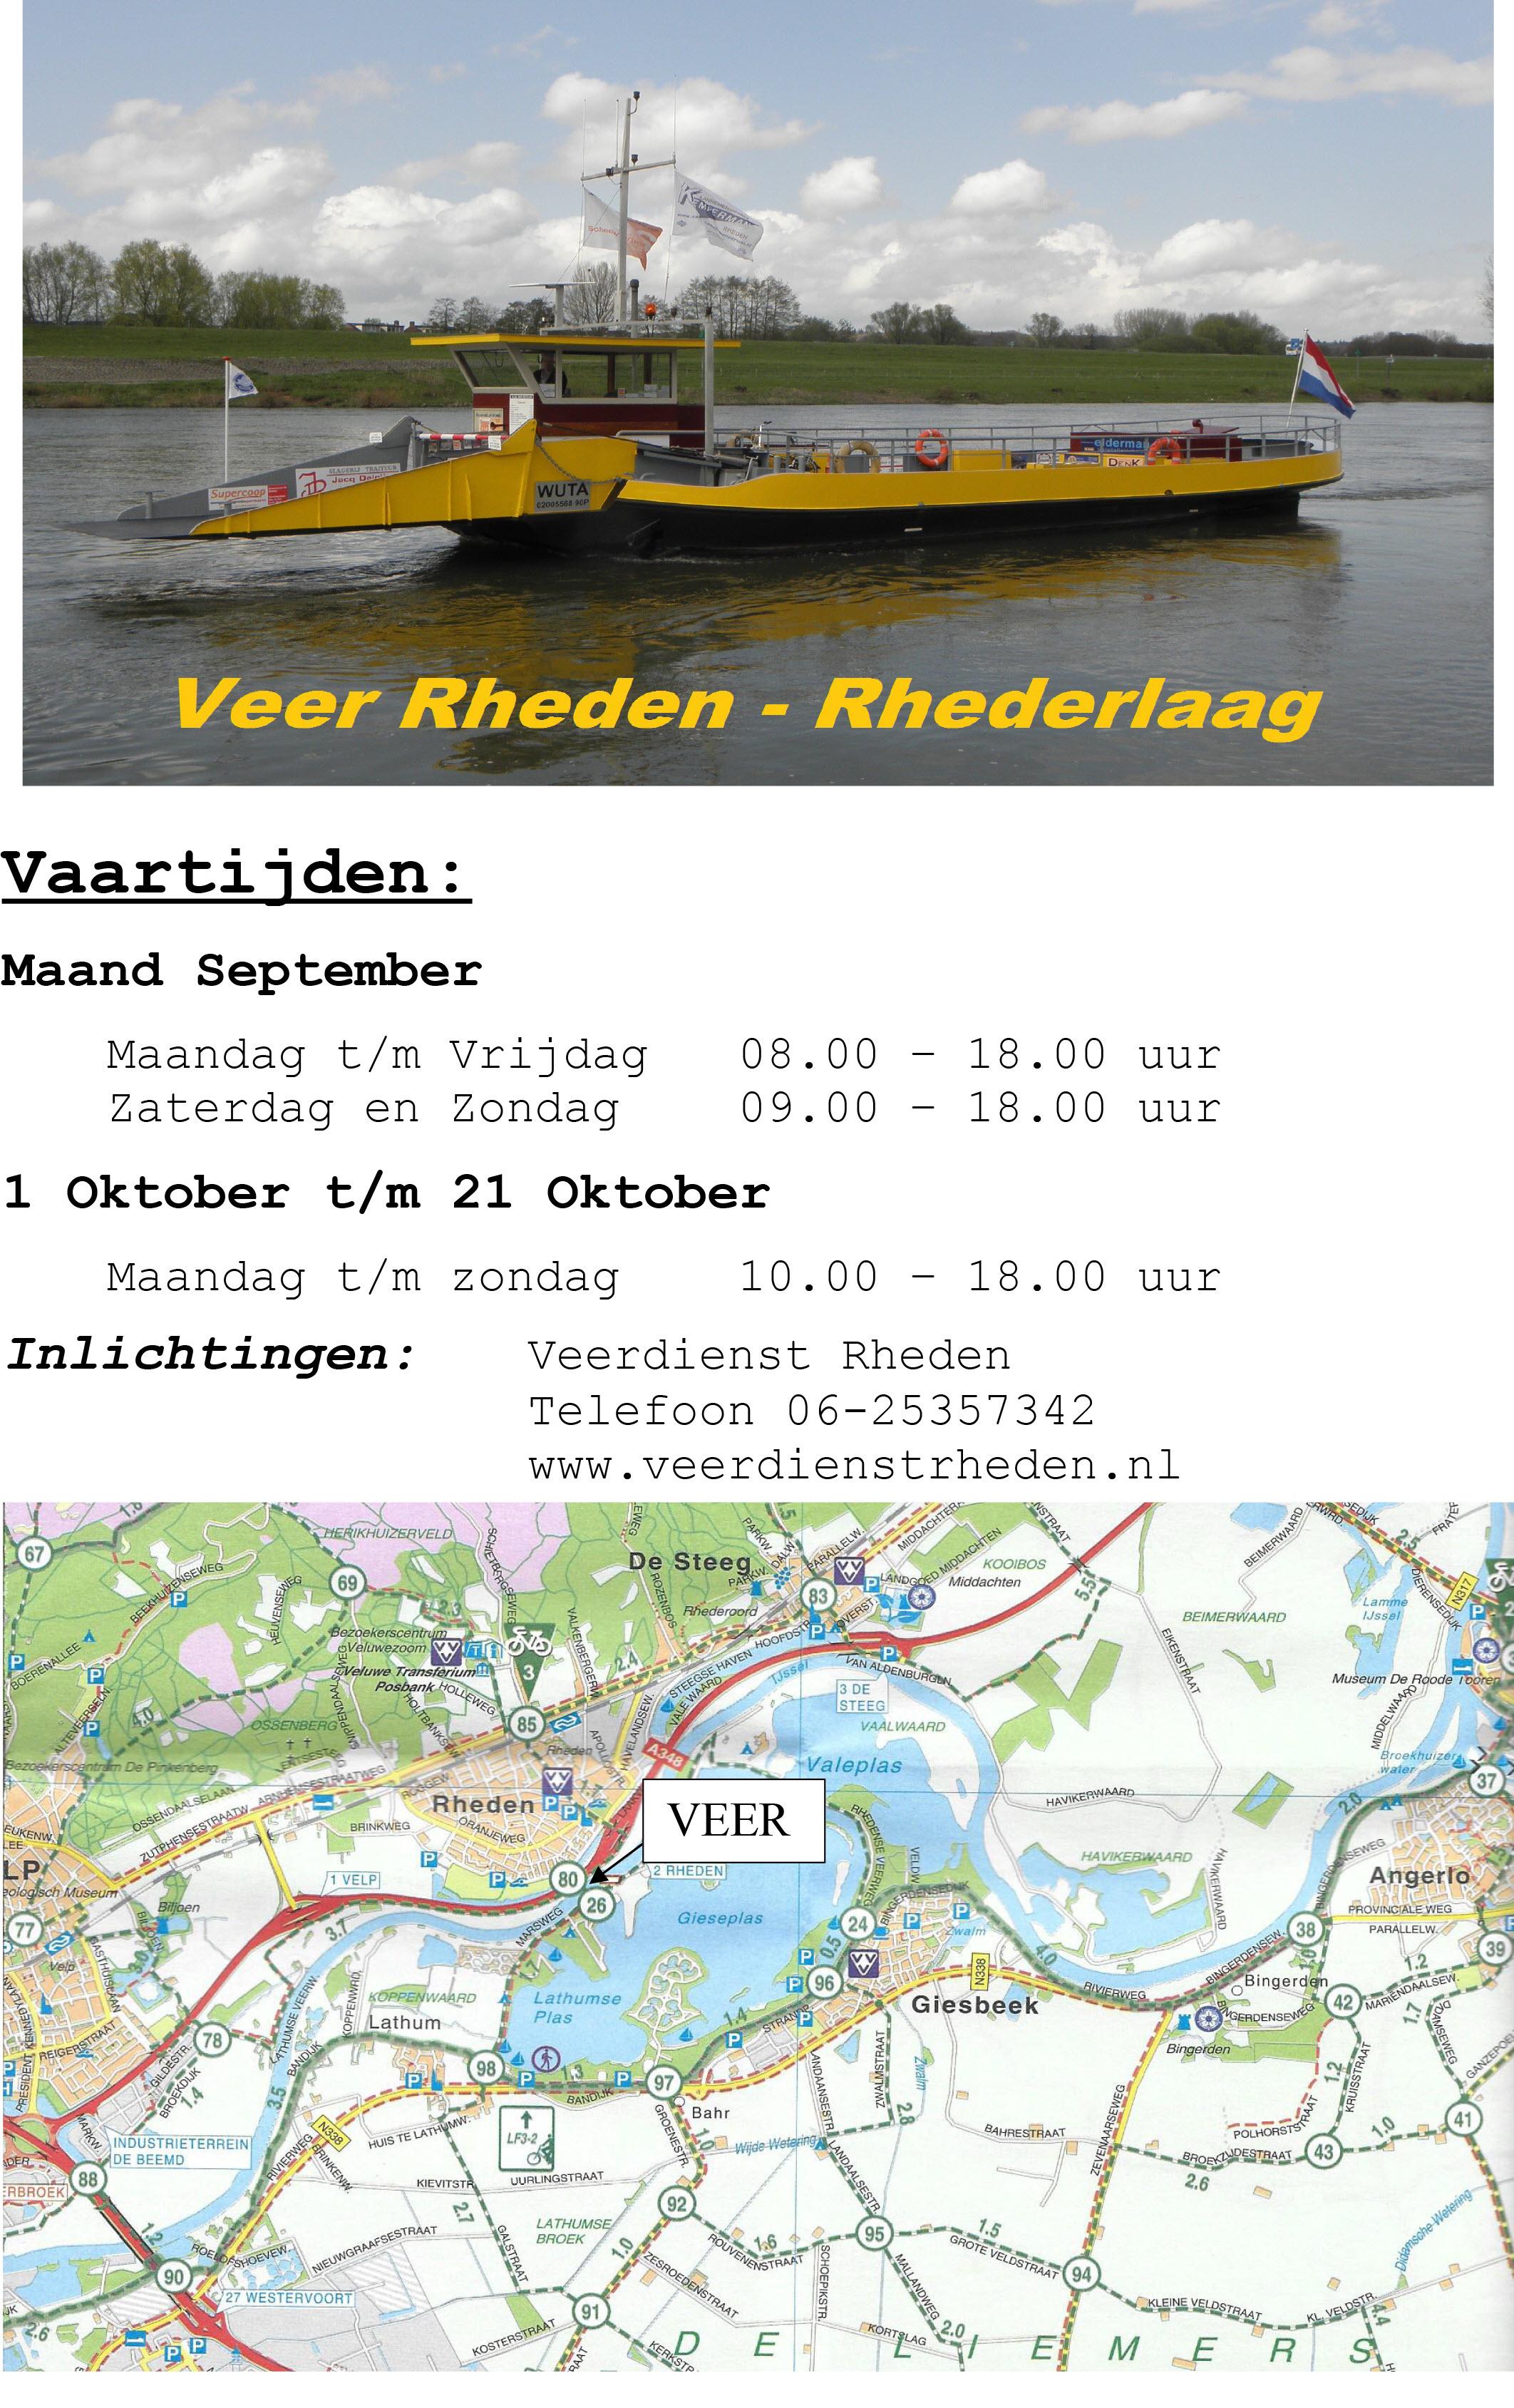 Veerdienst Rheden-Rhederlaag